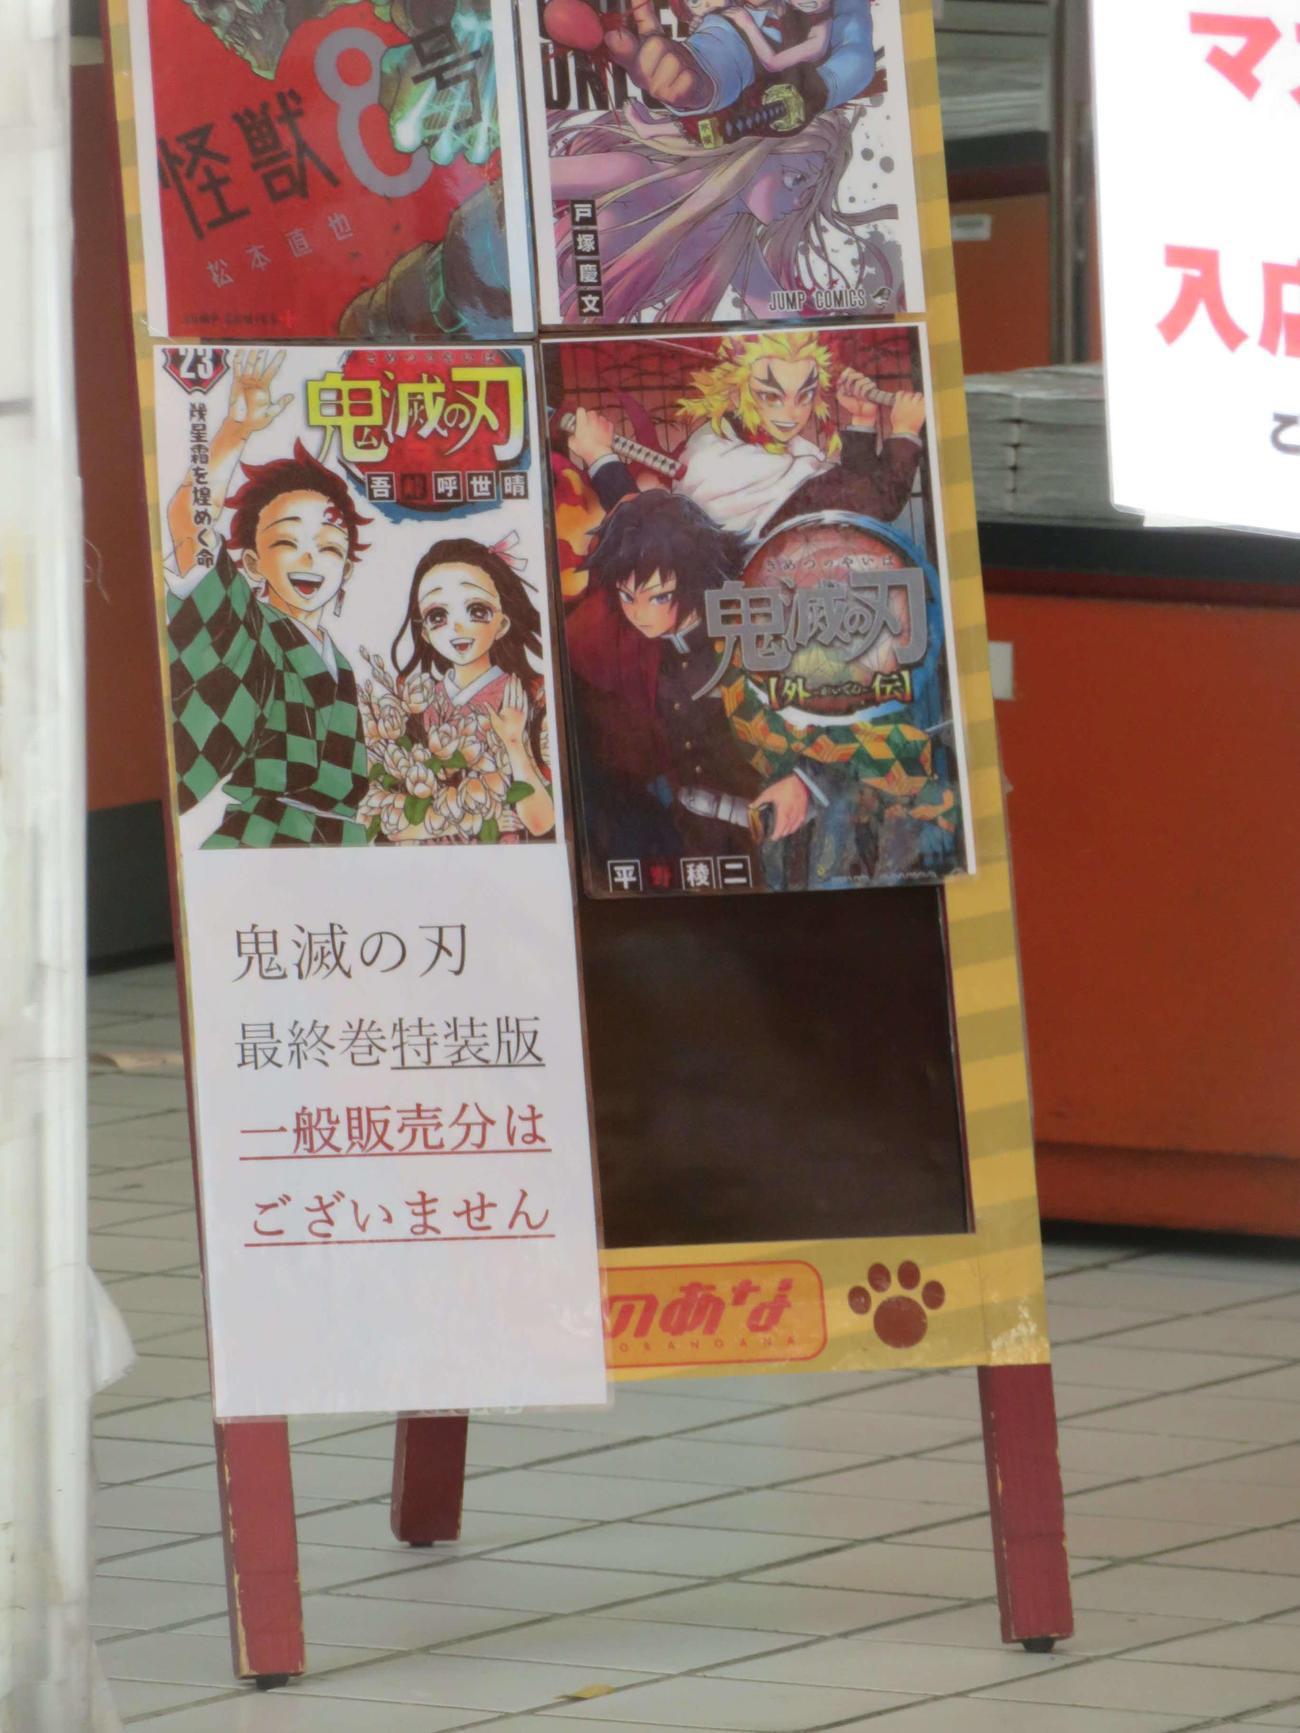 4日に発売された「鬼滅の刃」23巻の特装版はないと告知する東京・秋葉原の店(撮影・村上幸将)